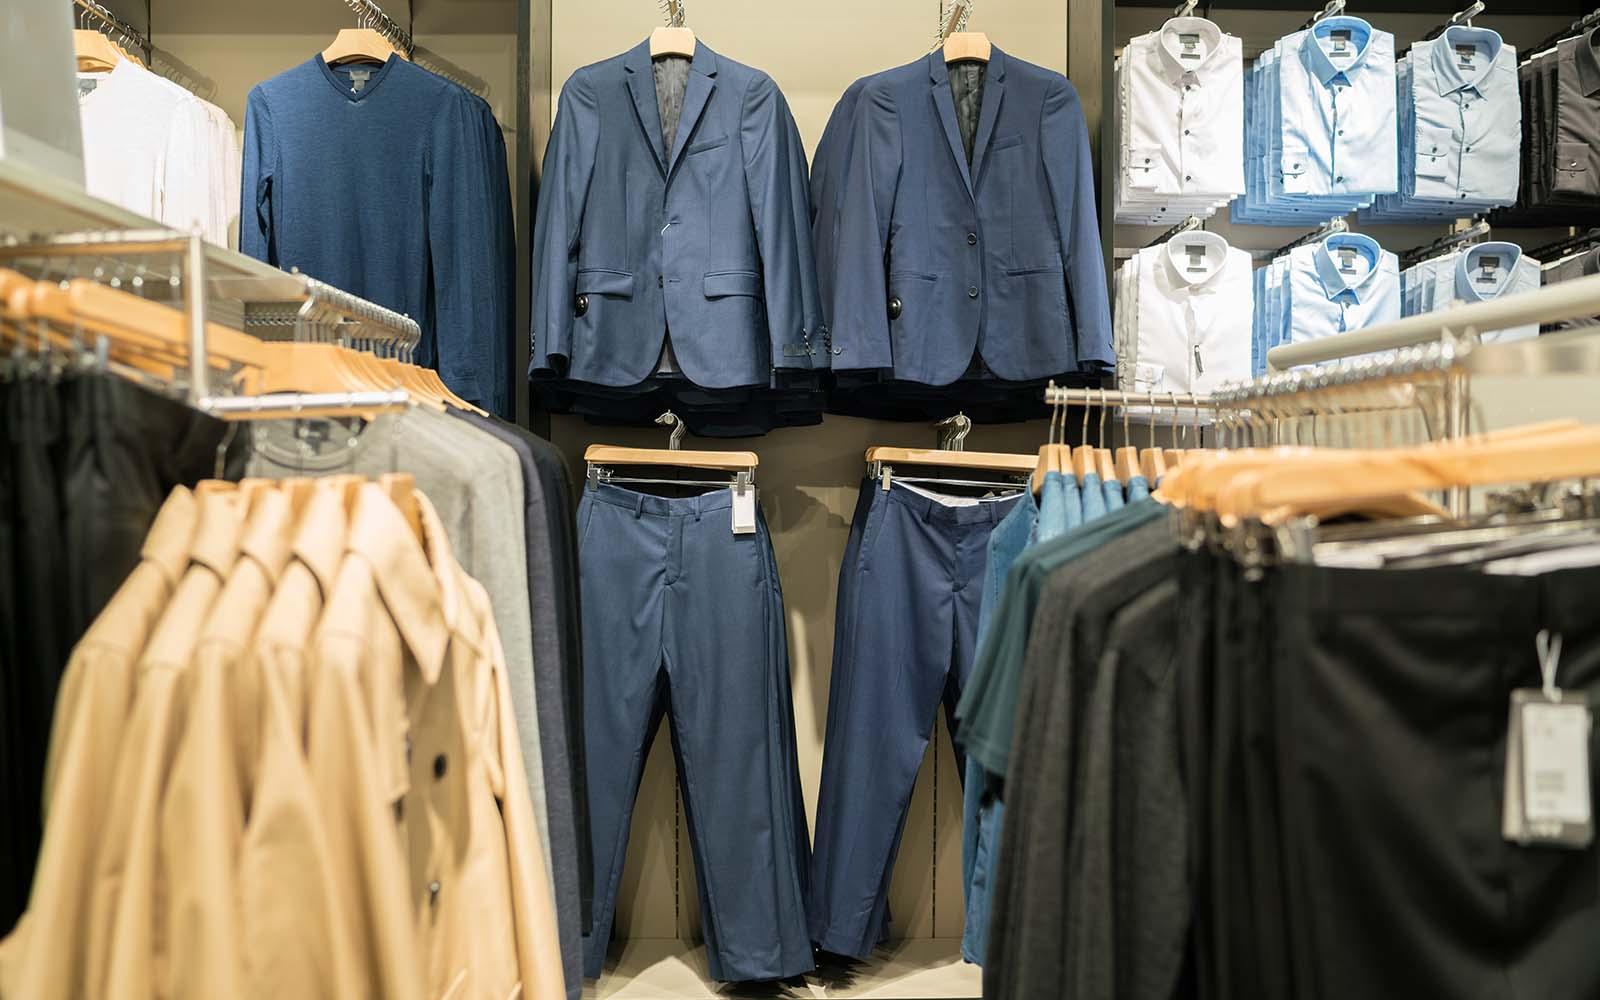 delle giacche e delle camicie appese in un negozio